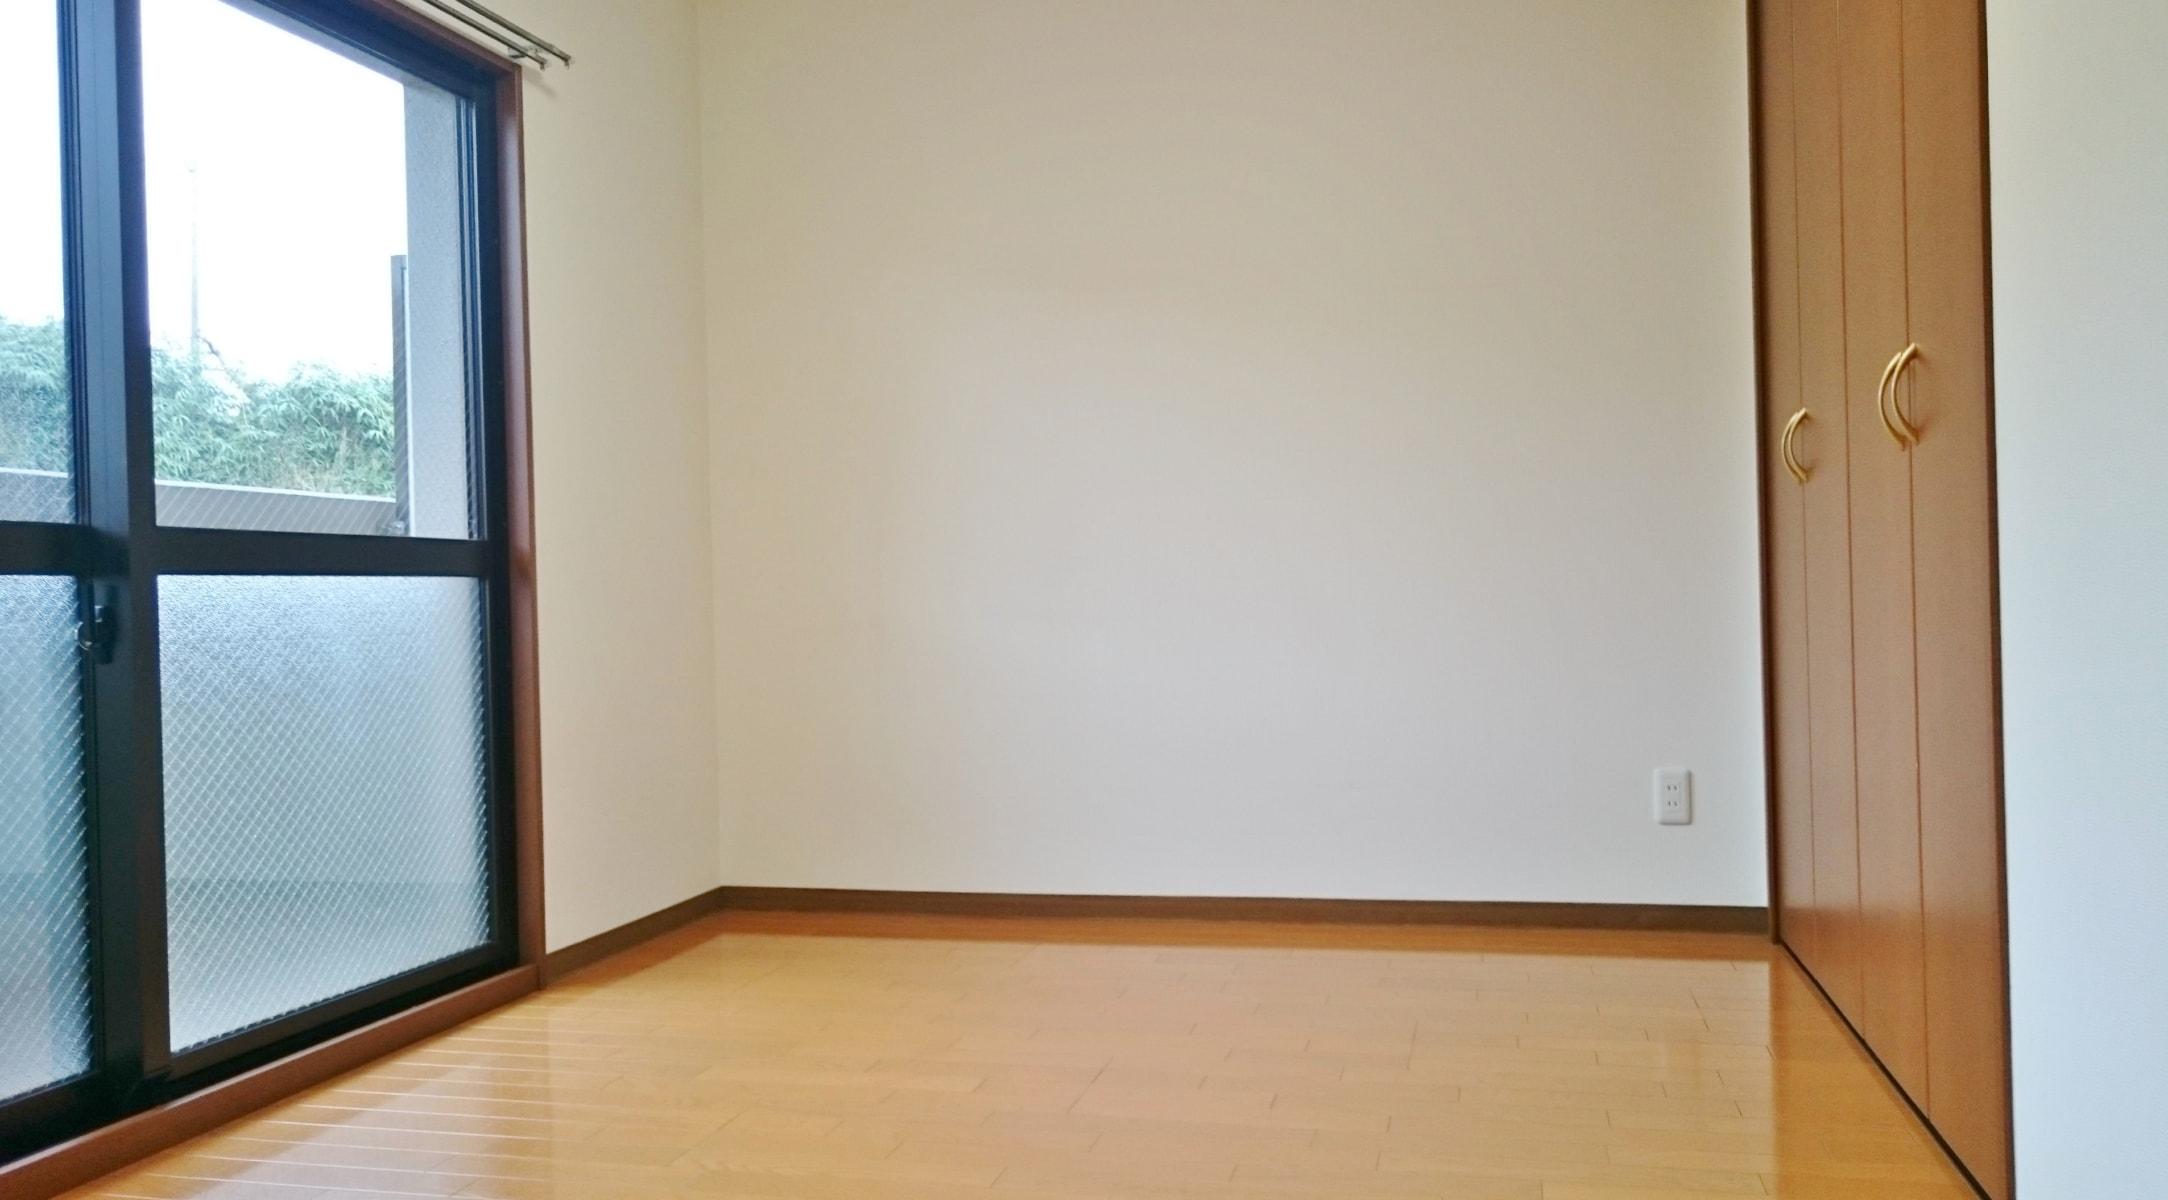 【秋田県・秋田市寺内高野】賃貸 マンション 3LDK|ユーミーコスモ 洋室 西